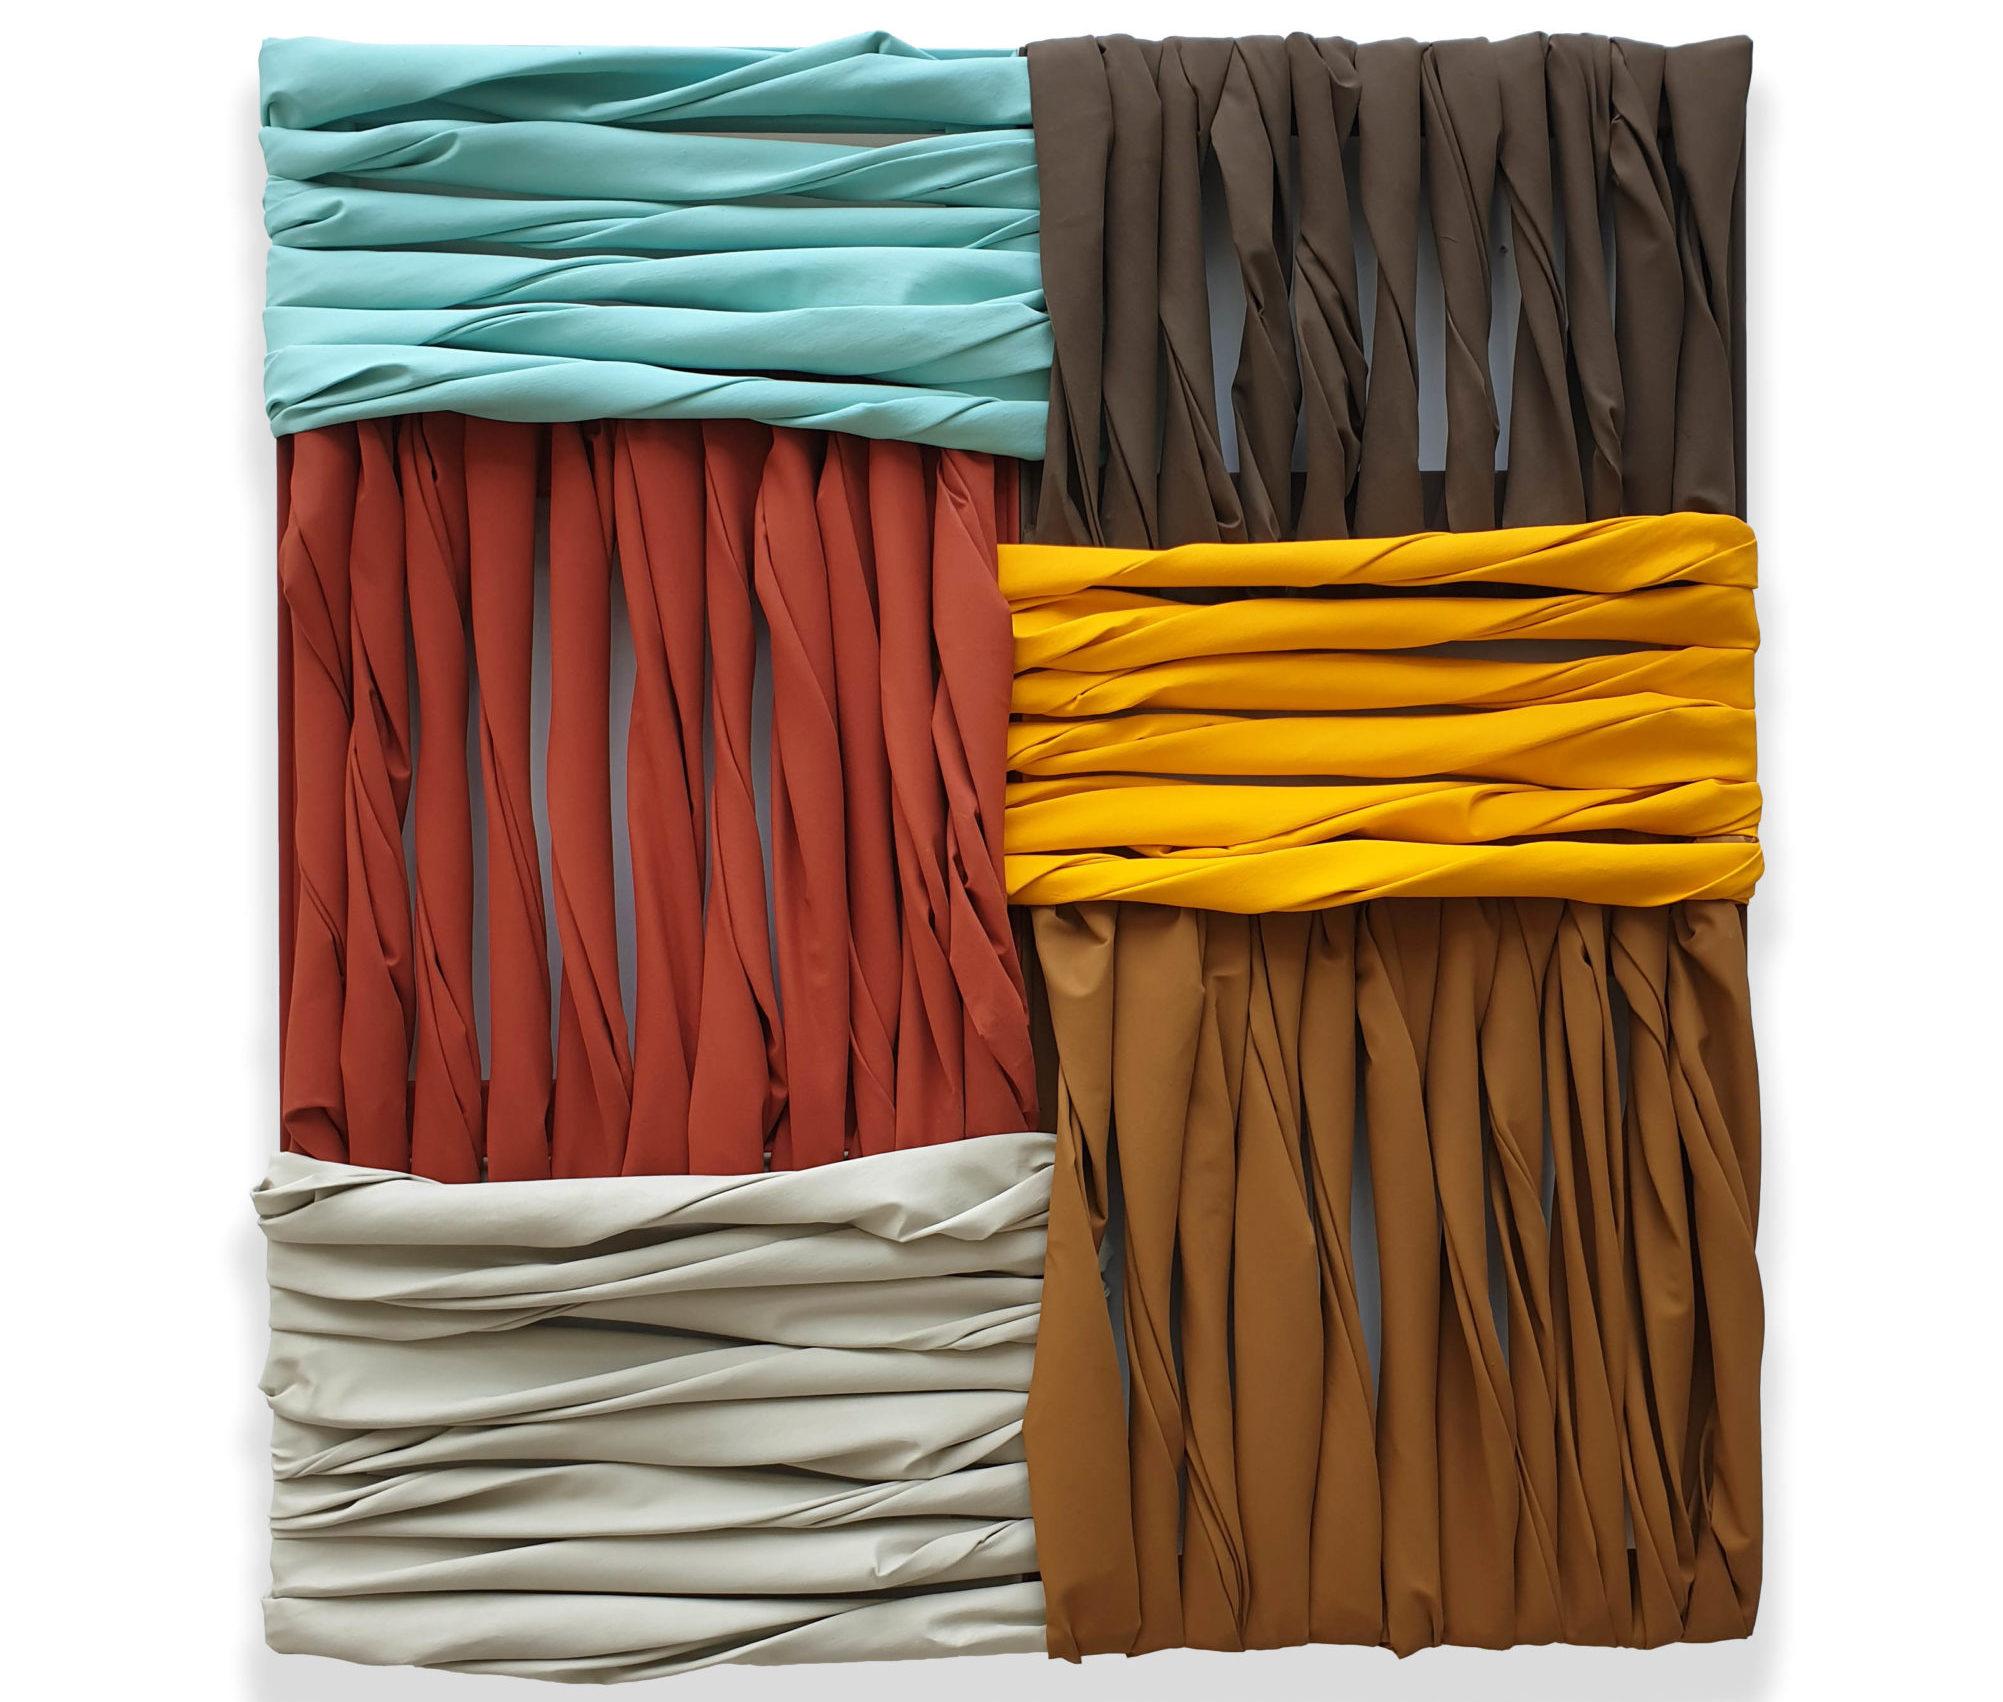 The Bathers, pigmento acrilico su tela e telai, 134 x 124 x 11 cm, 2020 – Courtesy Bislacchi Studio